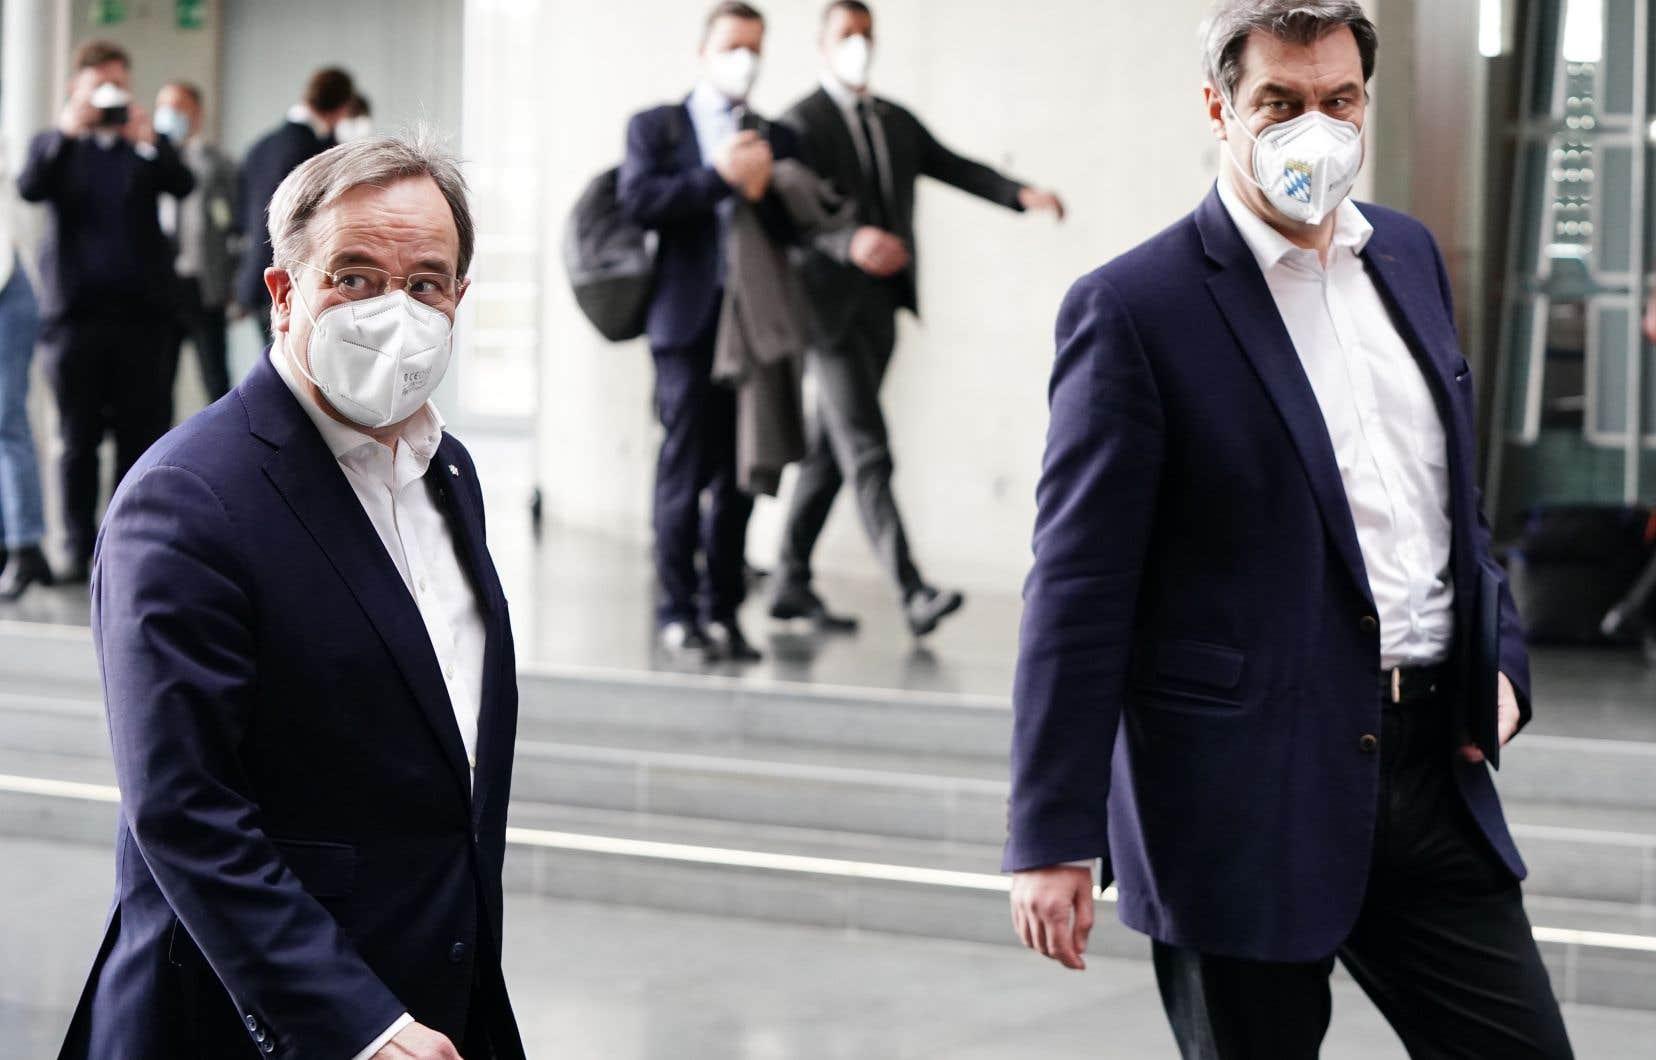 Le Bavarois Markus Söder (à droite) et le chef du parti CDU, Armin Laschet (à gauche), briguent l'investiture des conservateurs.